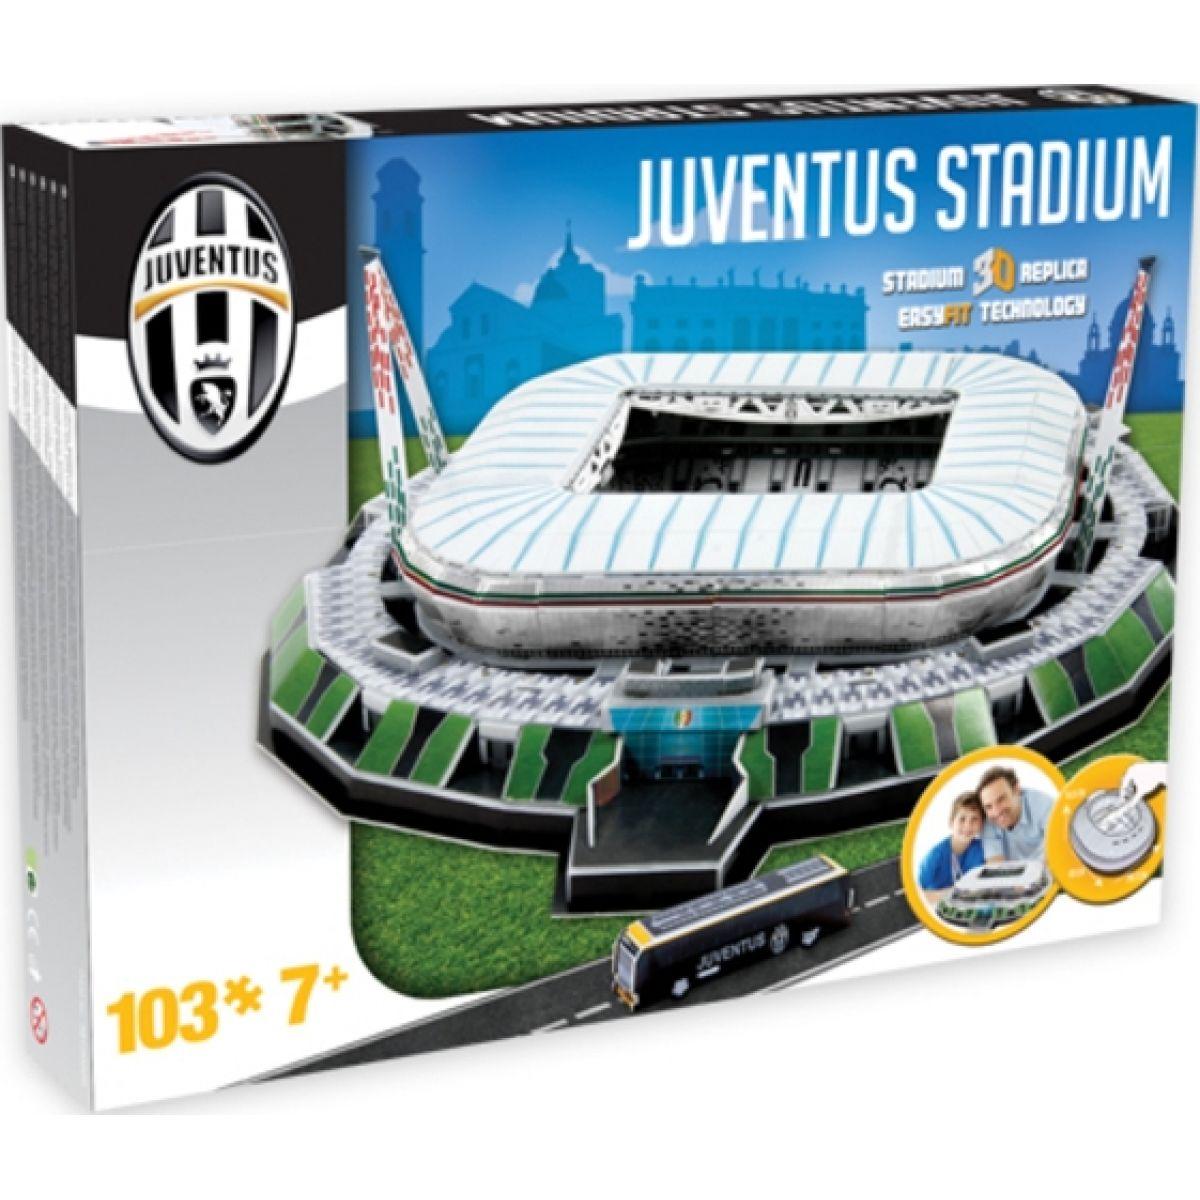 Nanostad 3D puzzle ITALY Juve Stadium-Juventus